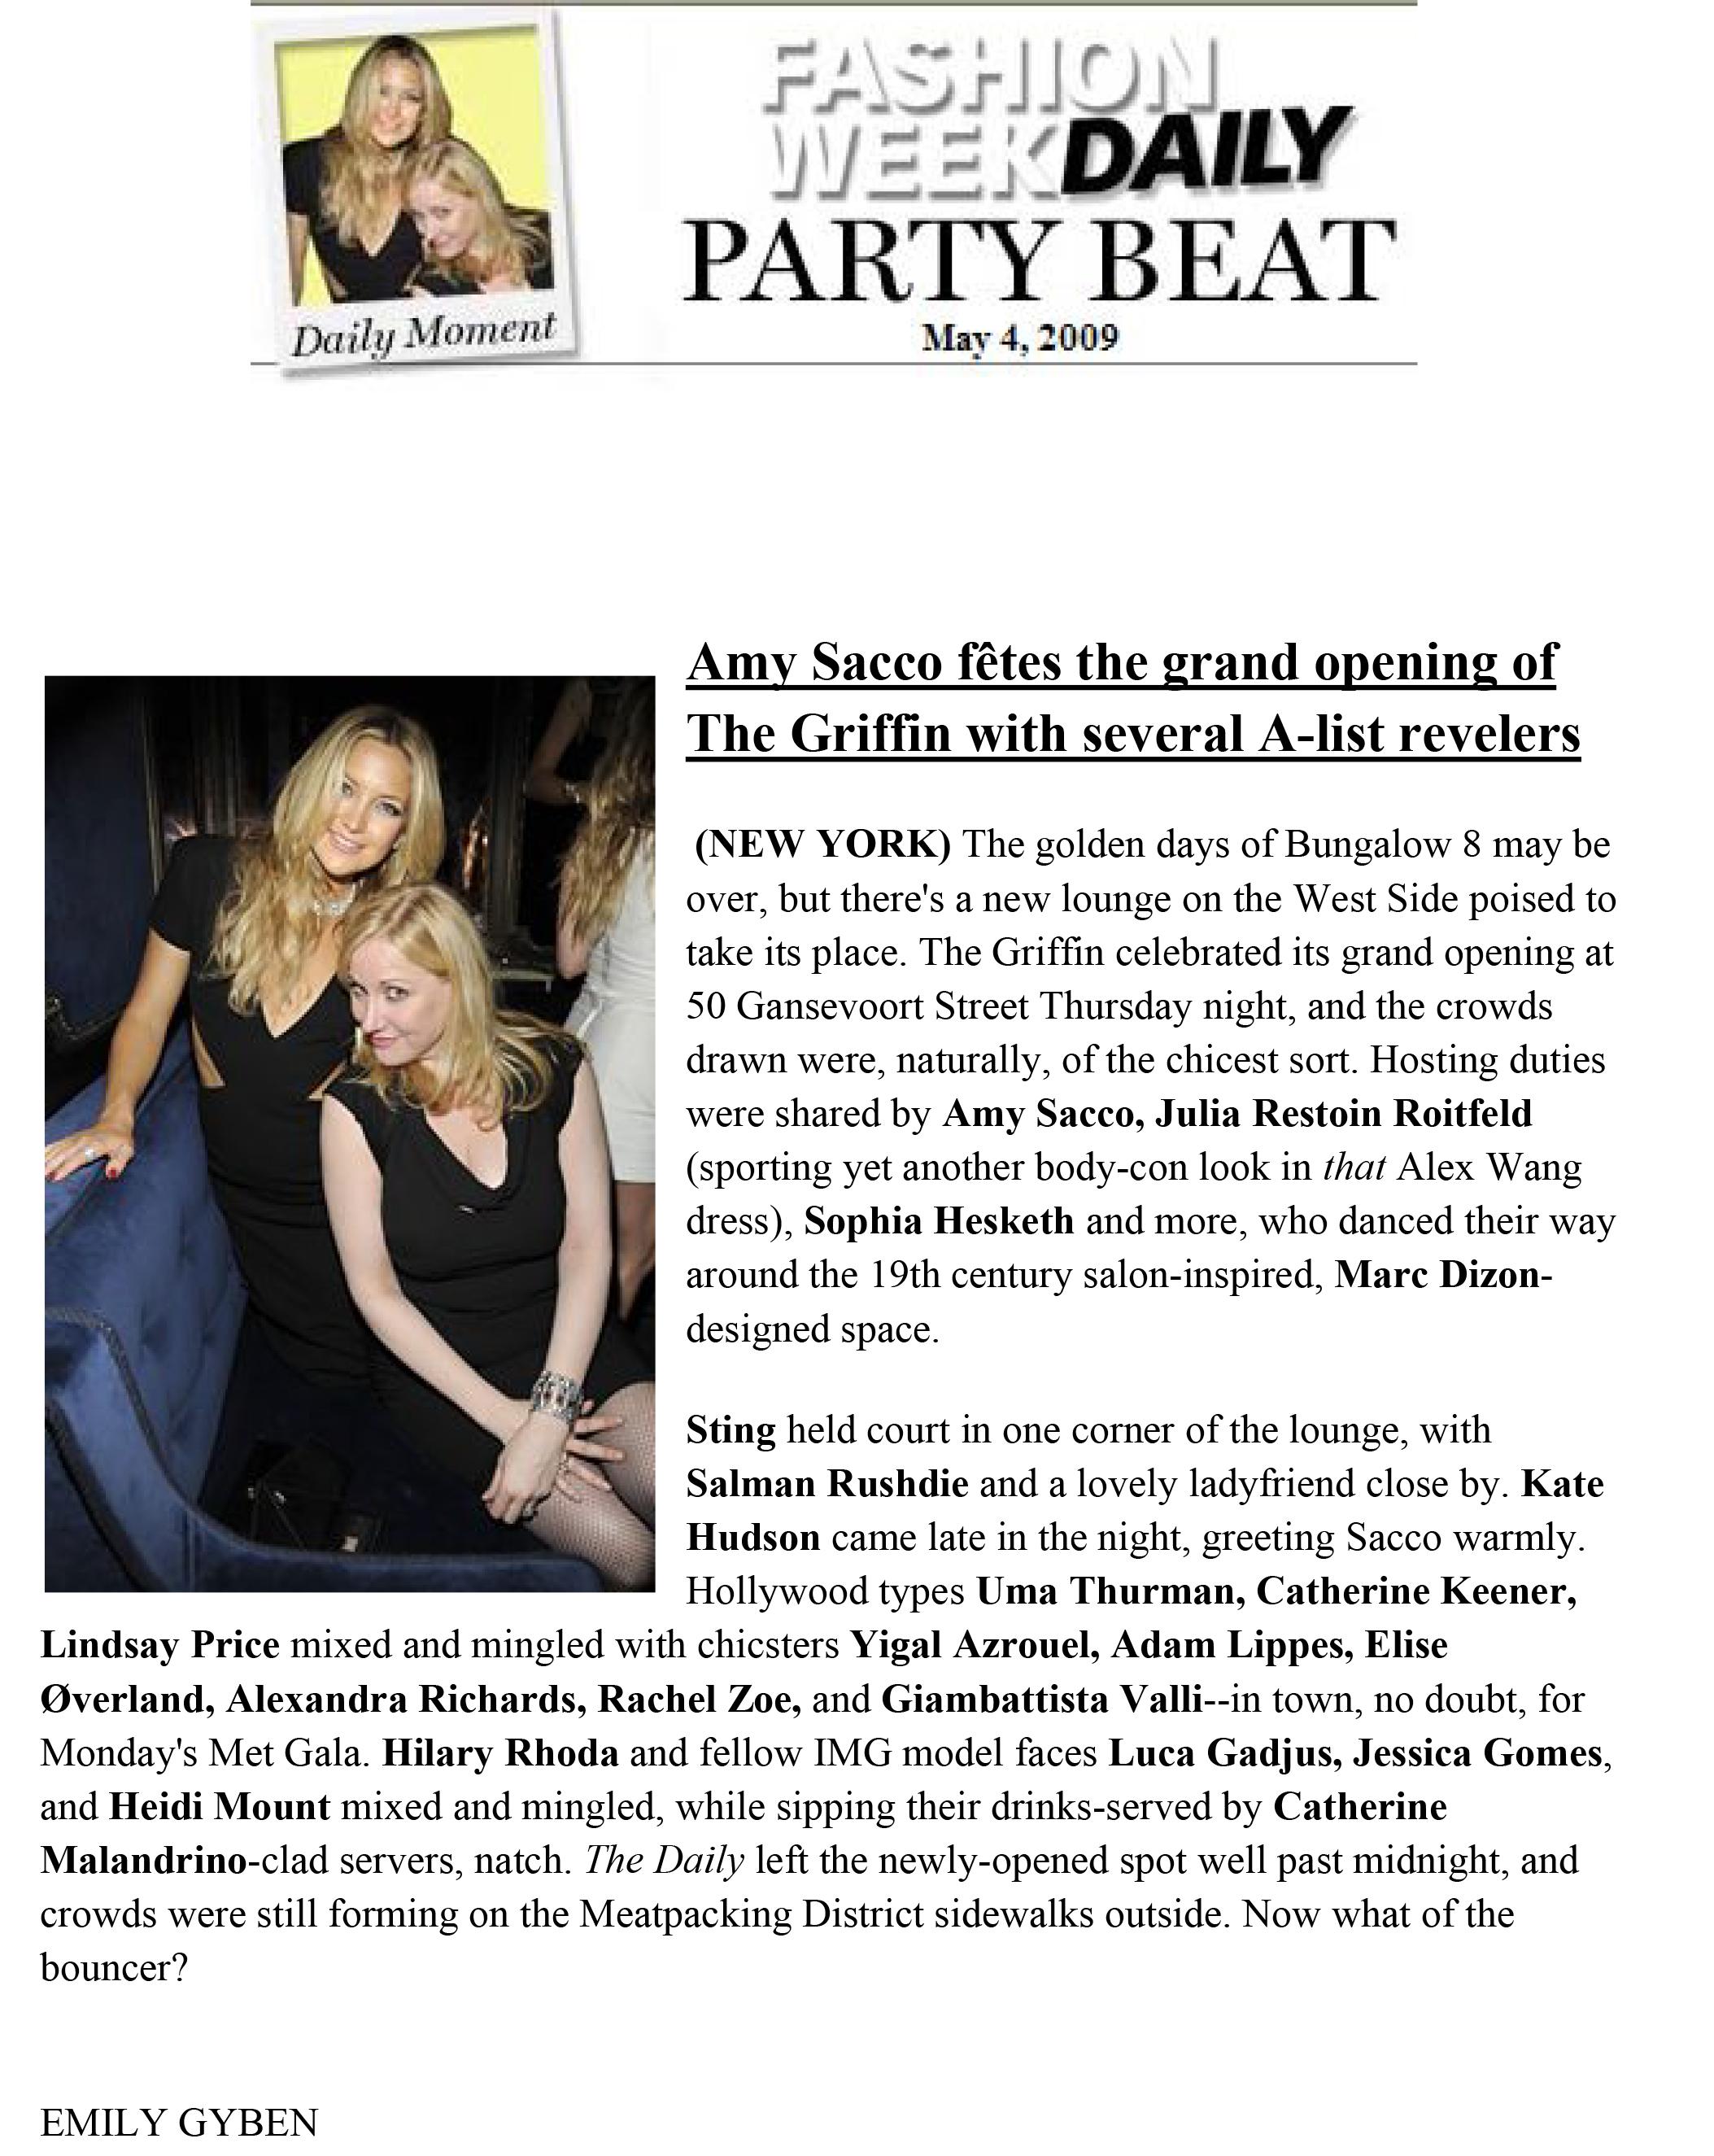 GRIFFIN-Fashion-Week-Daily-05.04.09-1.jpg